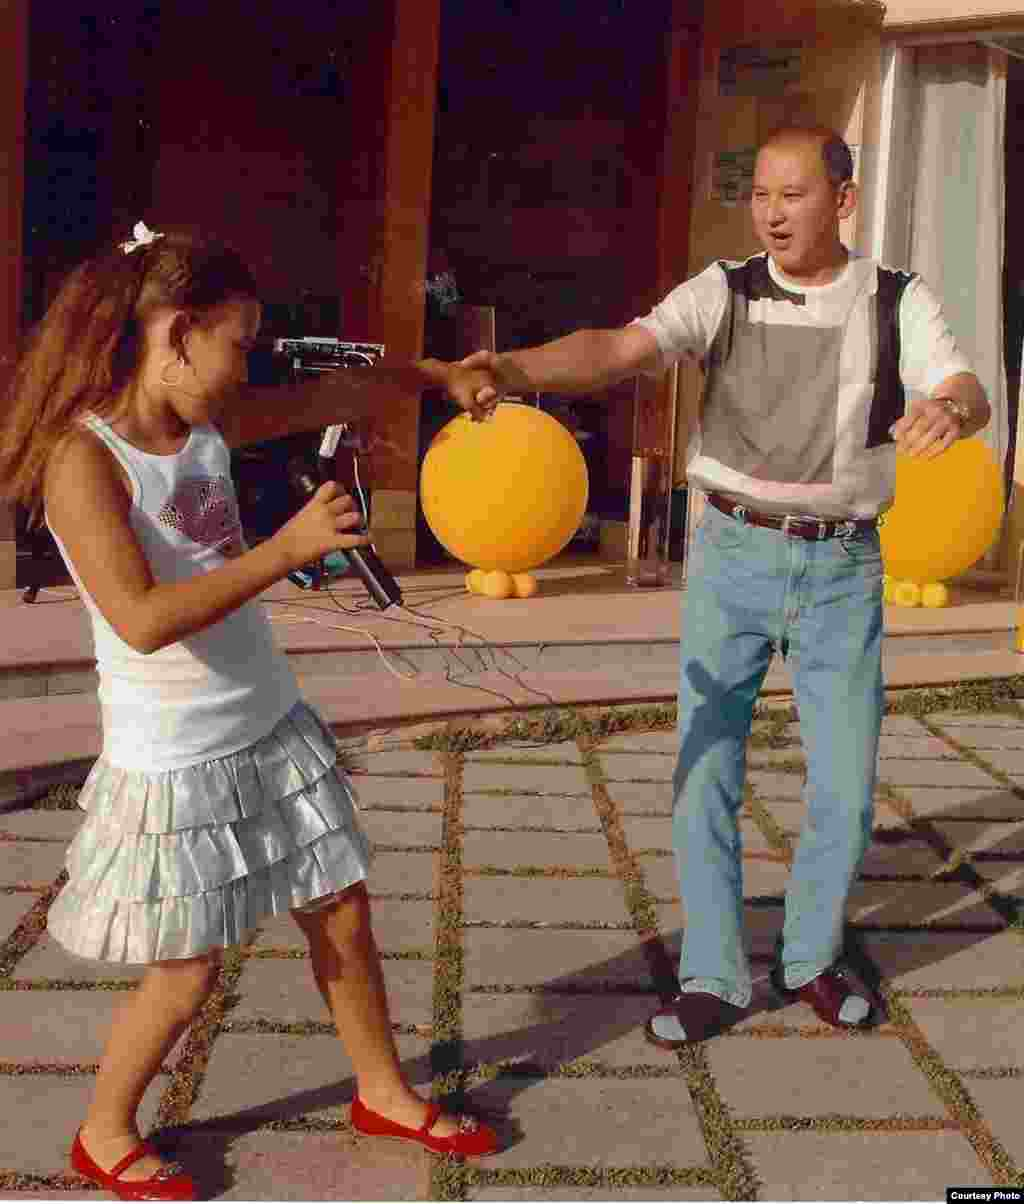 Мухтар Джакишев с дочерью. - Бывший президент «Казатомпрома» Мухтар Джакишев со своей дочерью на семейном торжестве.